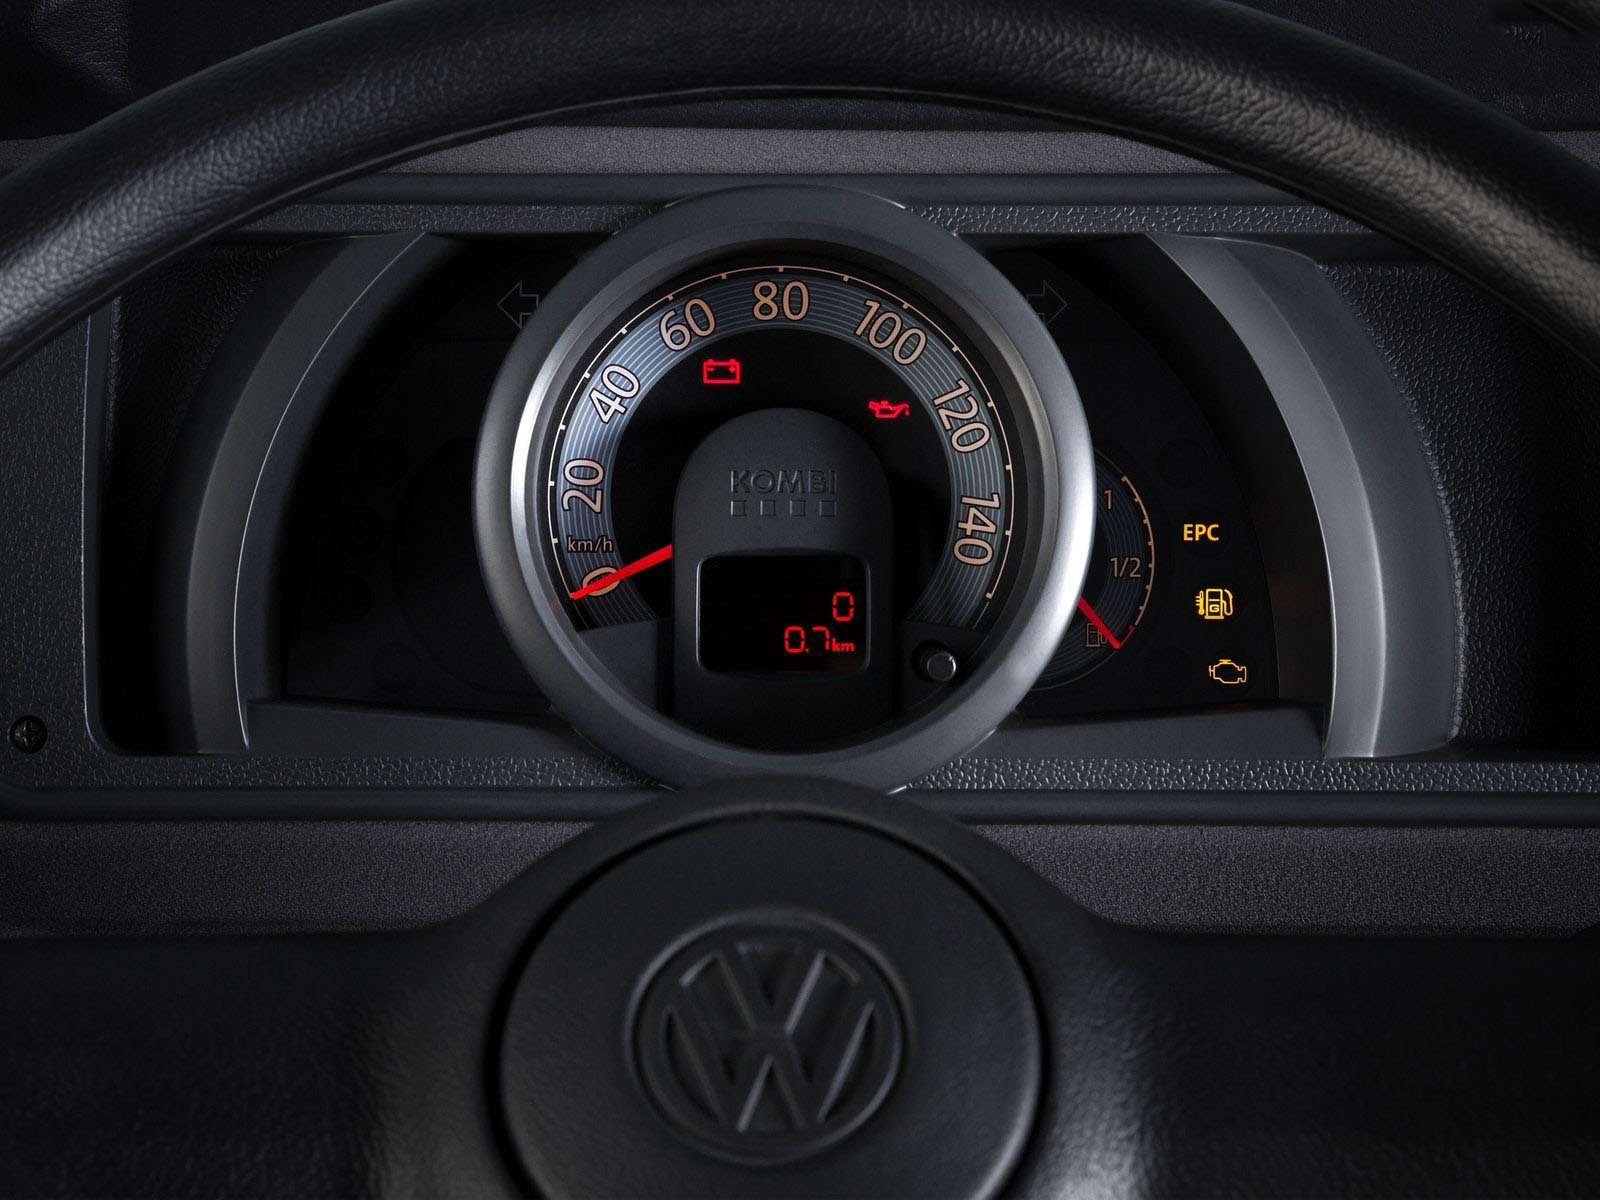 novo Volkswagen Kombi edição especial 2014 painel